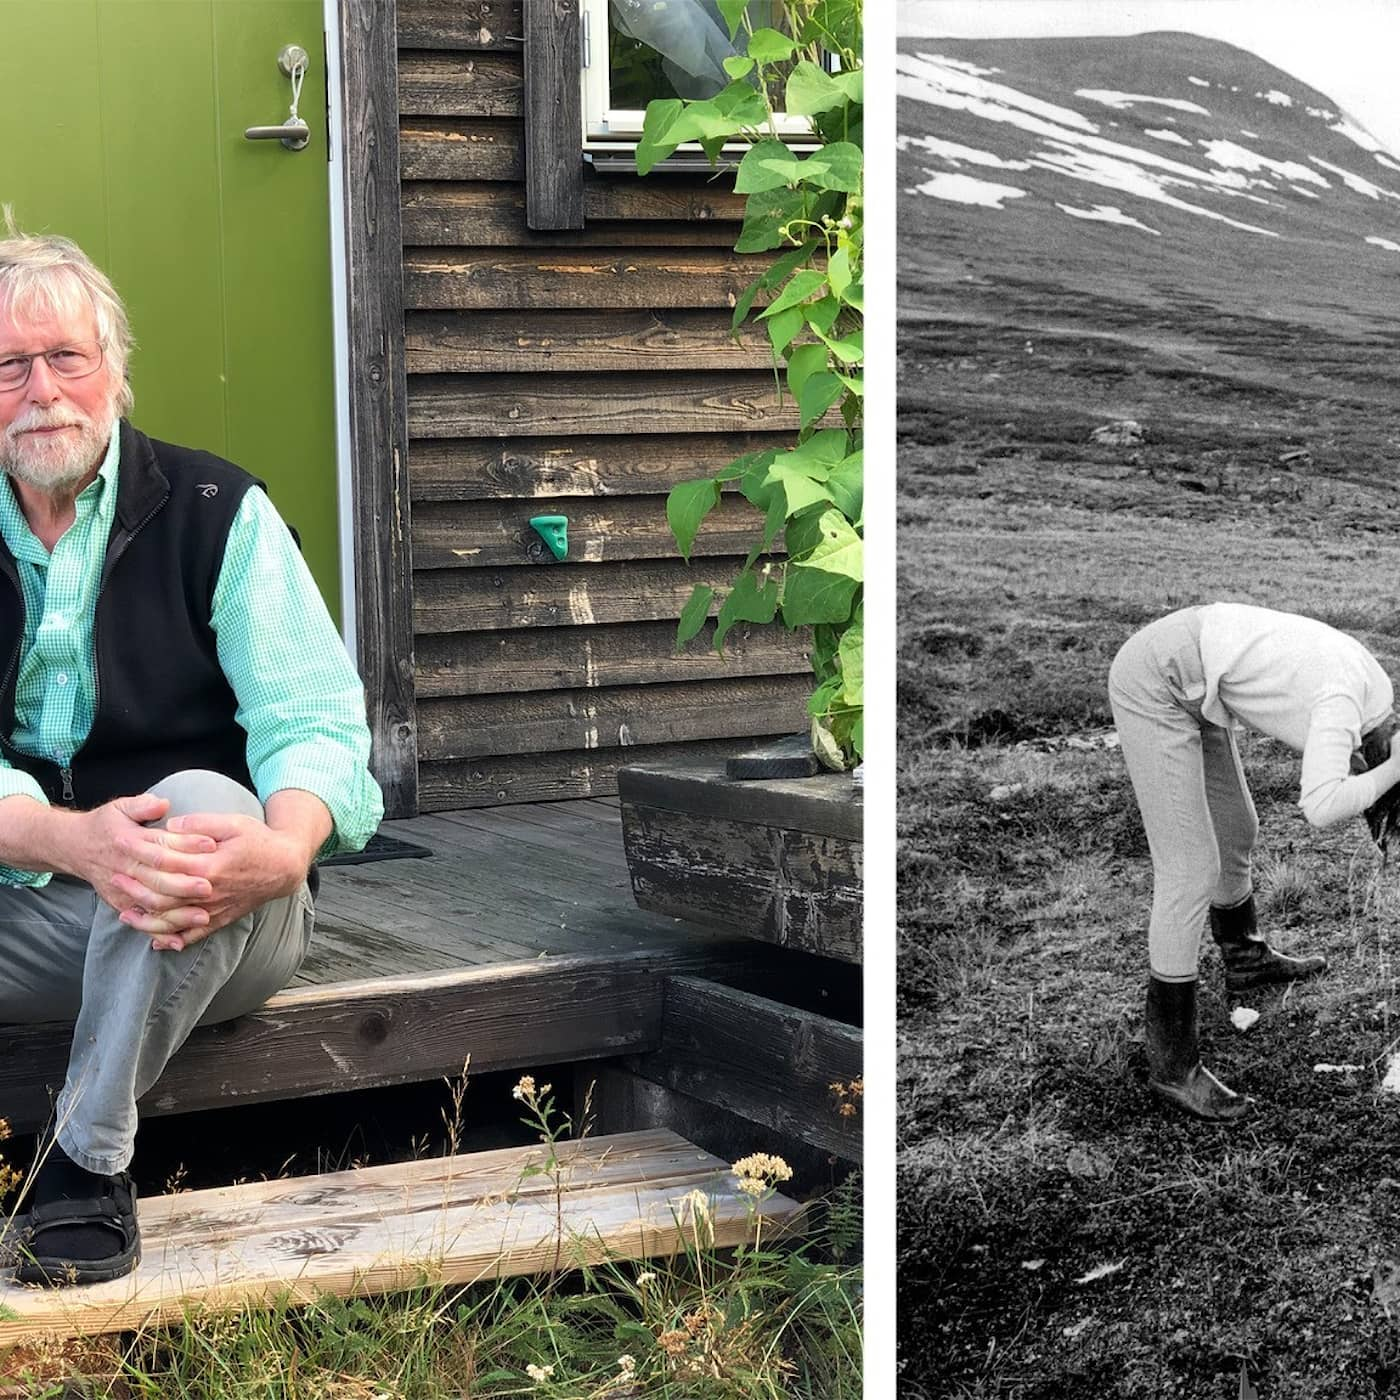 Sveriges friluftshistoria – från överklass till folkligt fritidsintresse